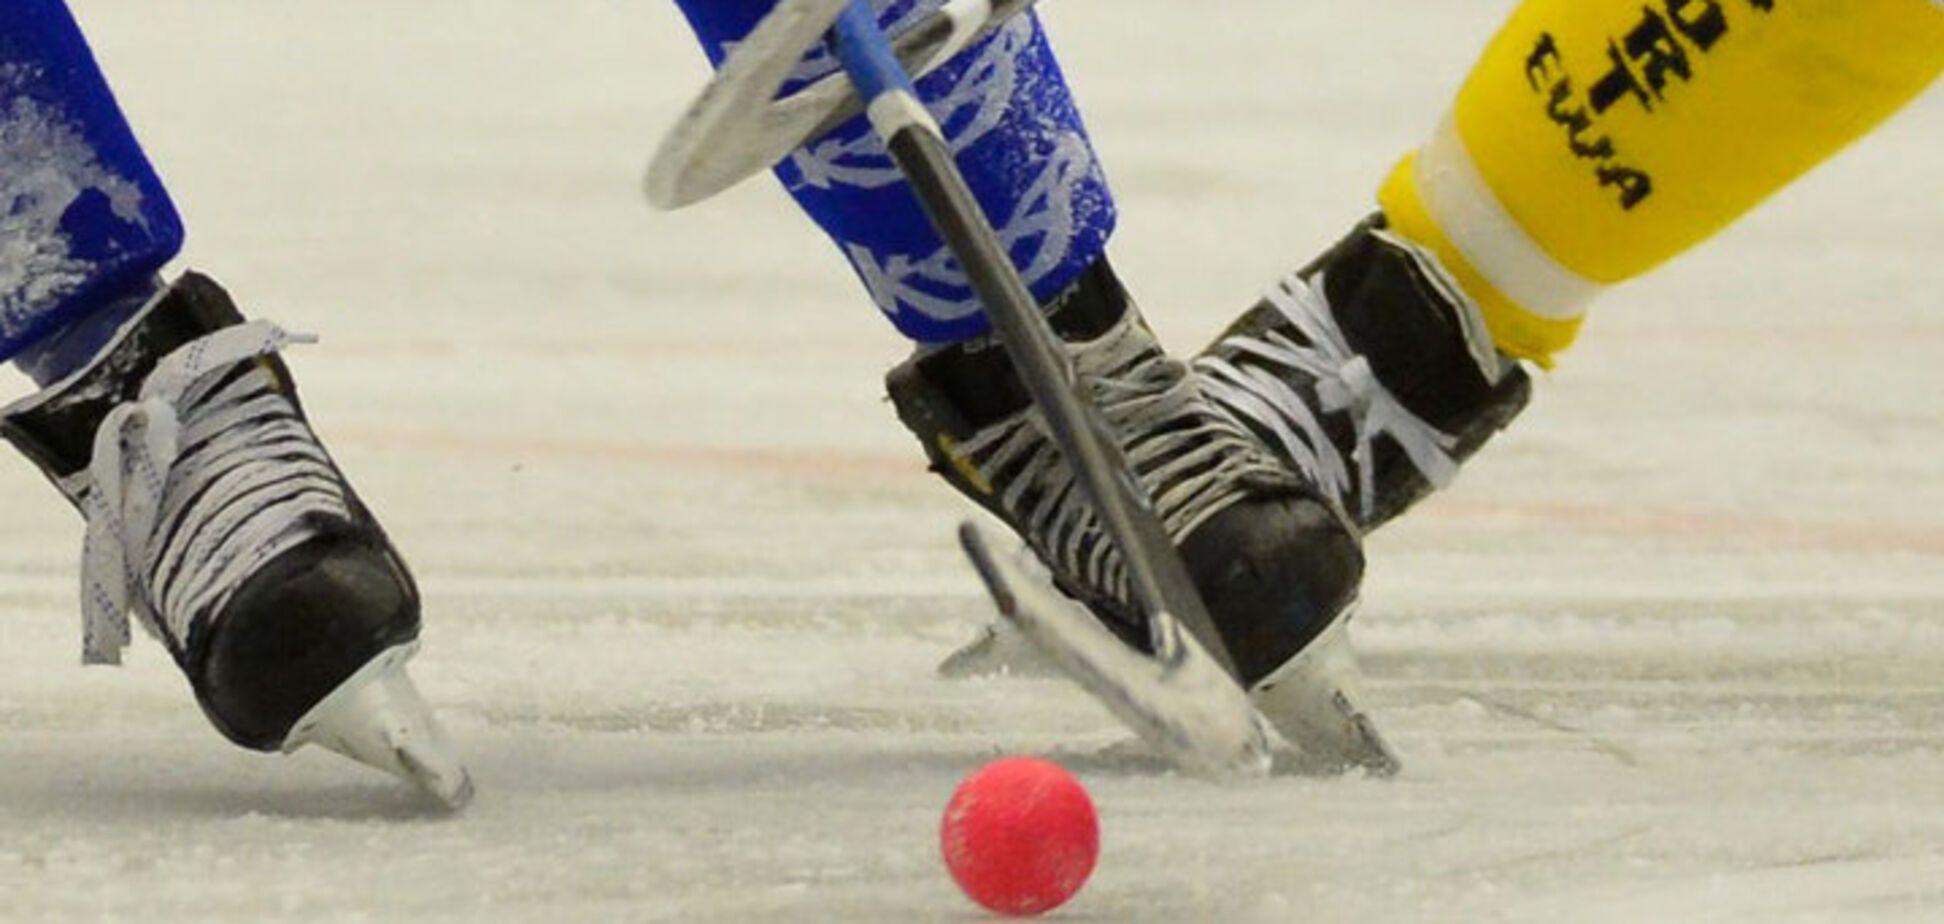 Главный православный телеканал России будет показывать чемпионат по хоккею